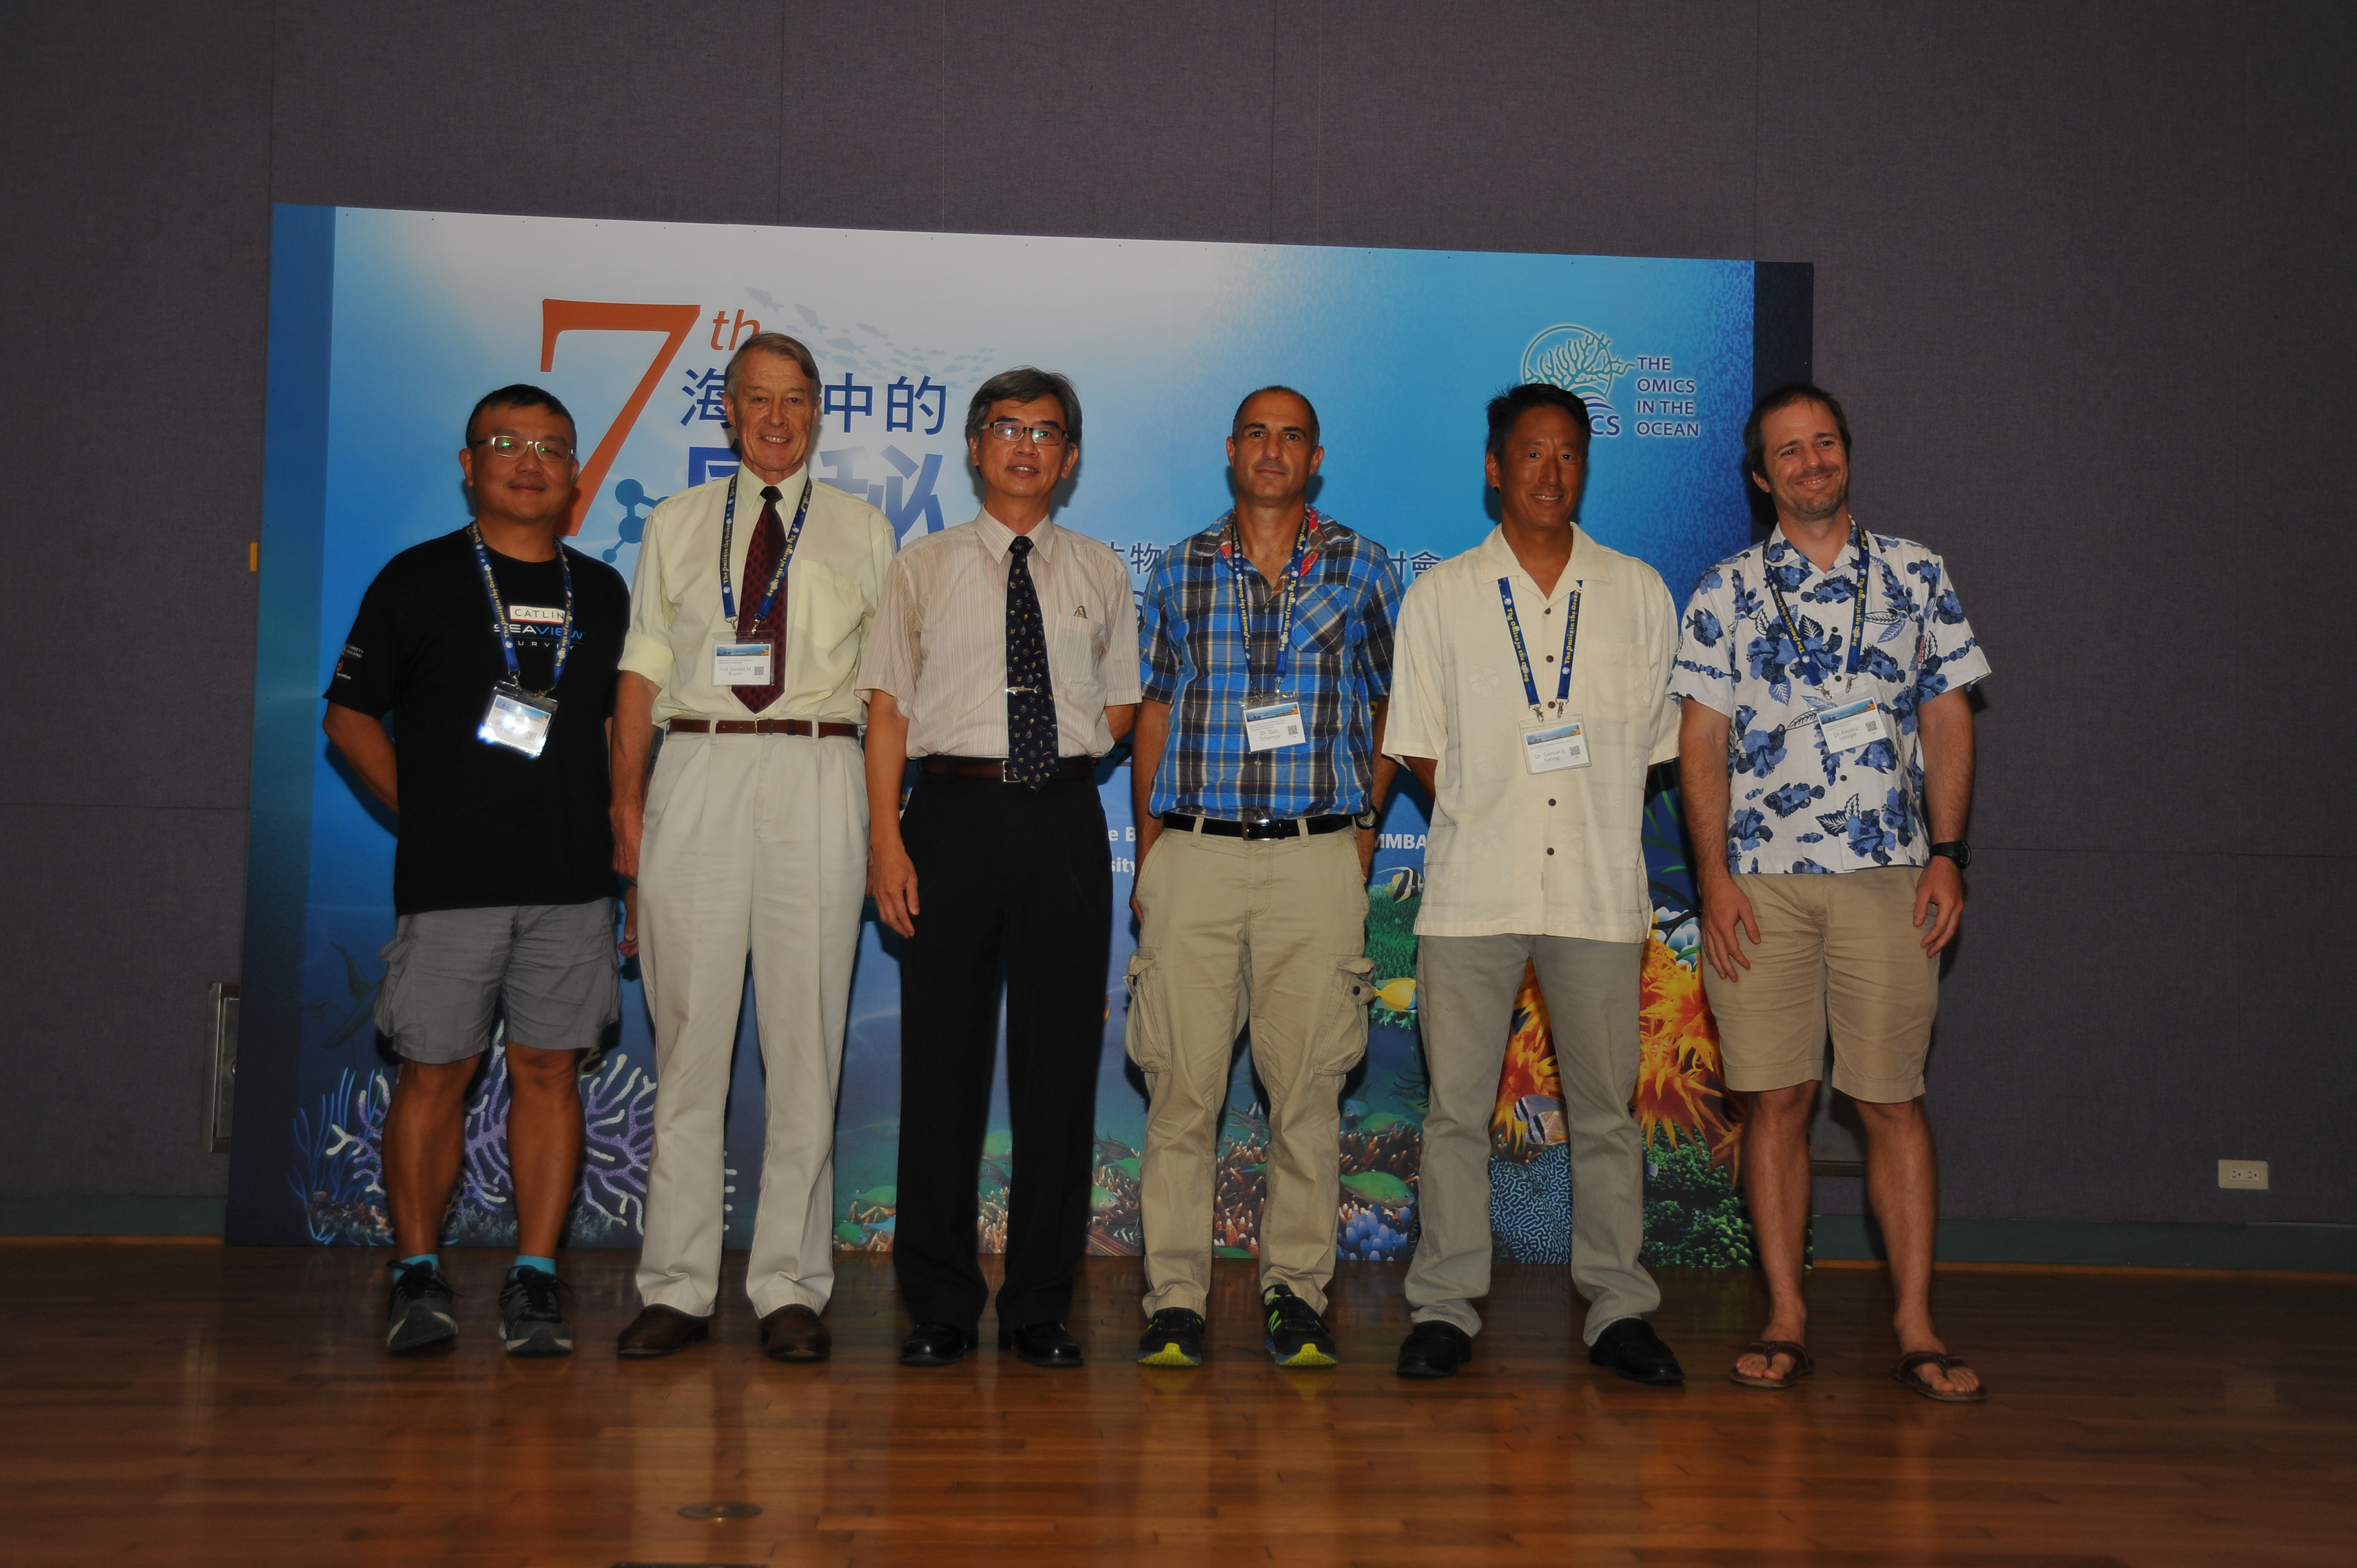 第七屆海洋中的奧秘國際海洋生物及生物科技研討會